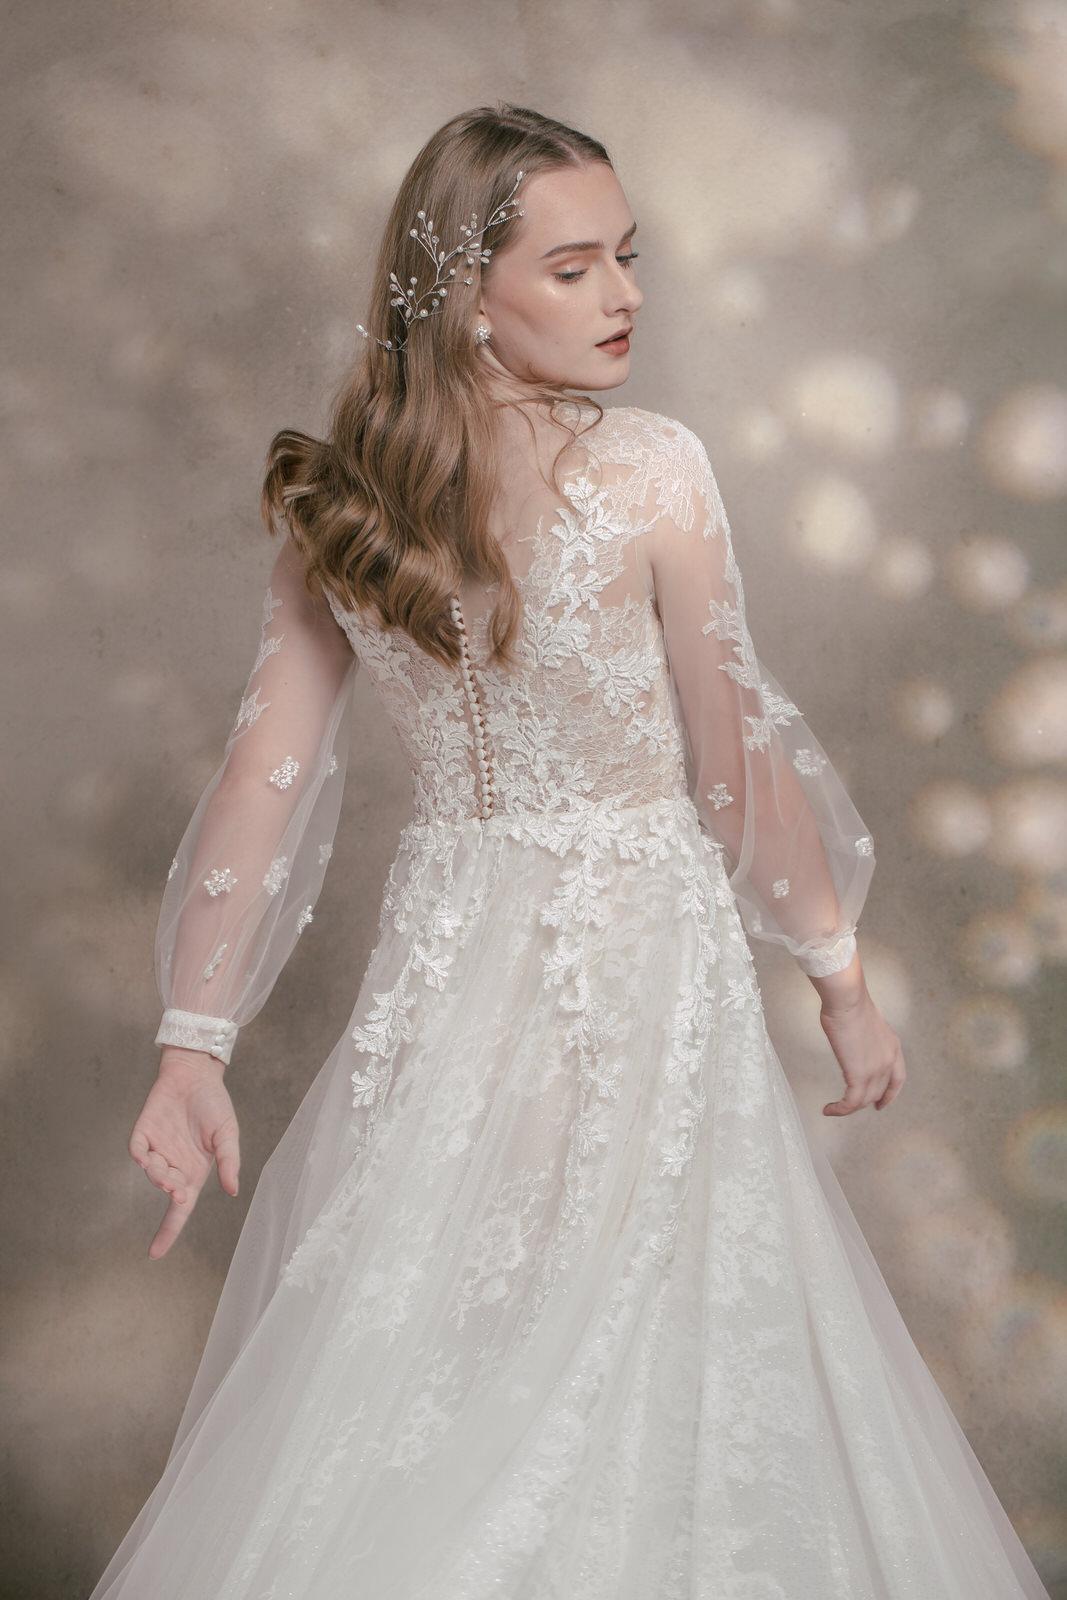 Sephora Gown